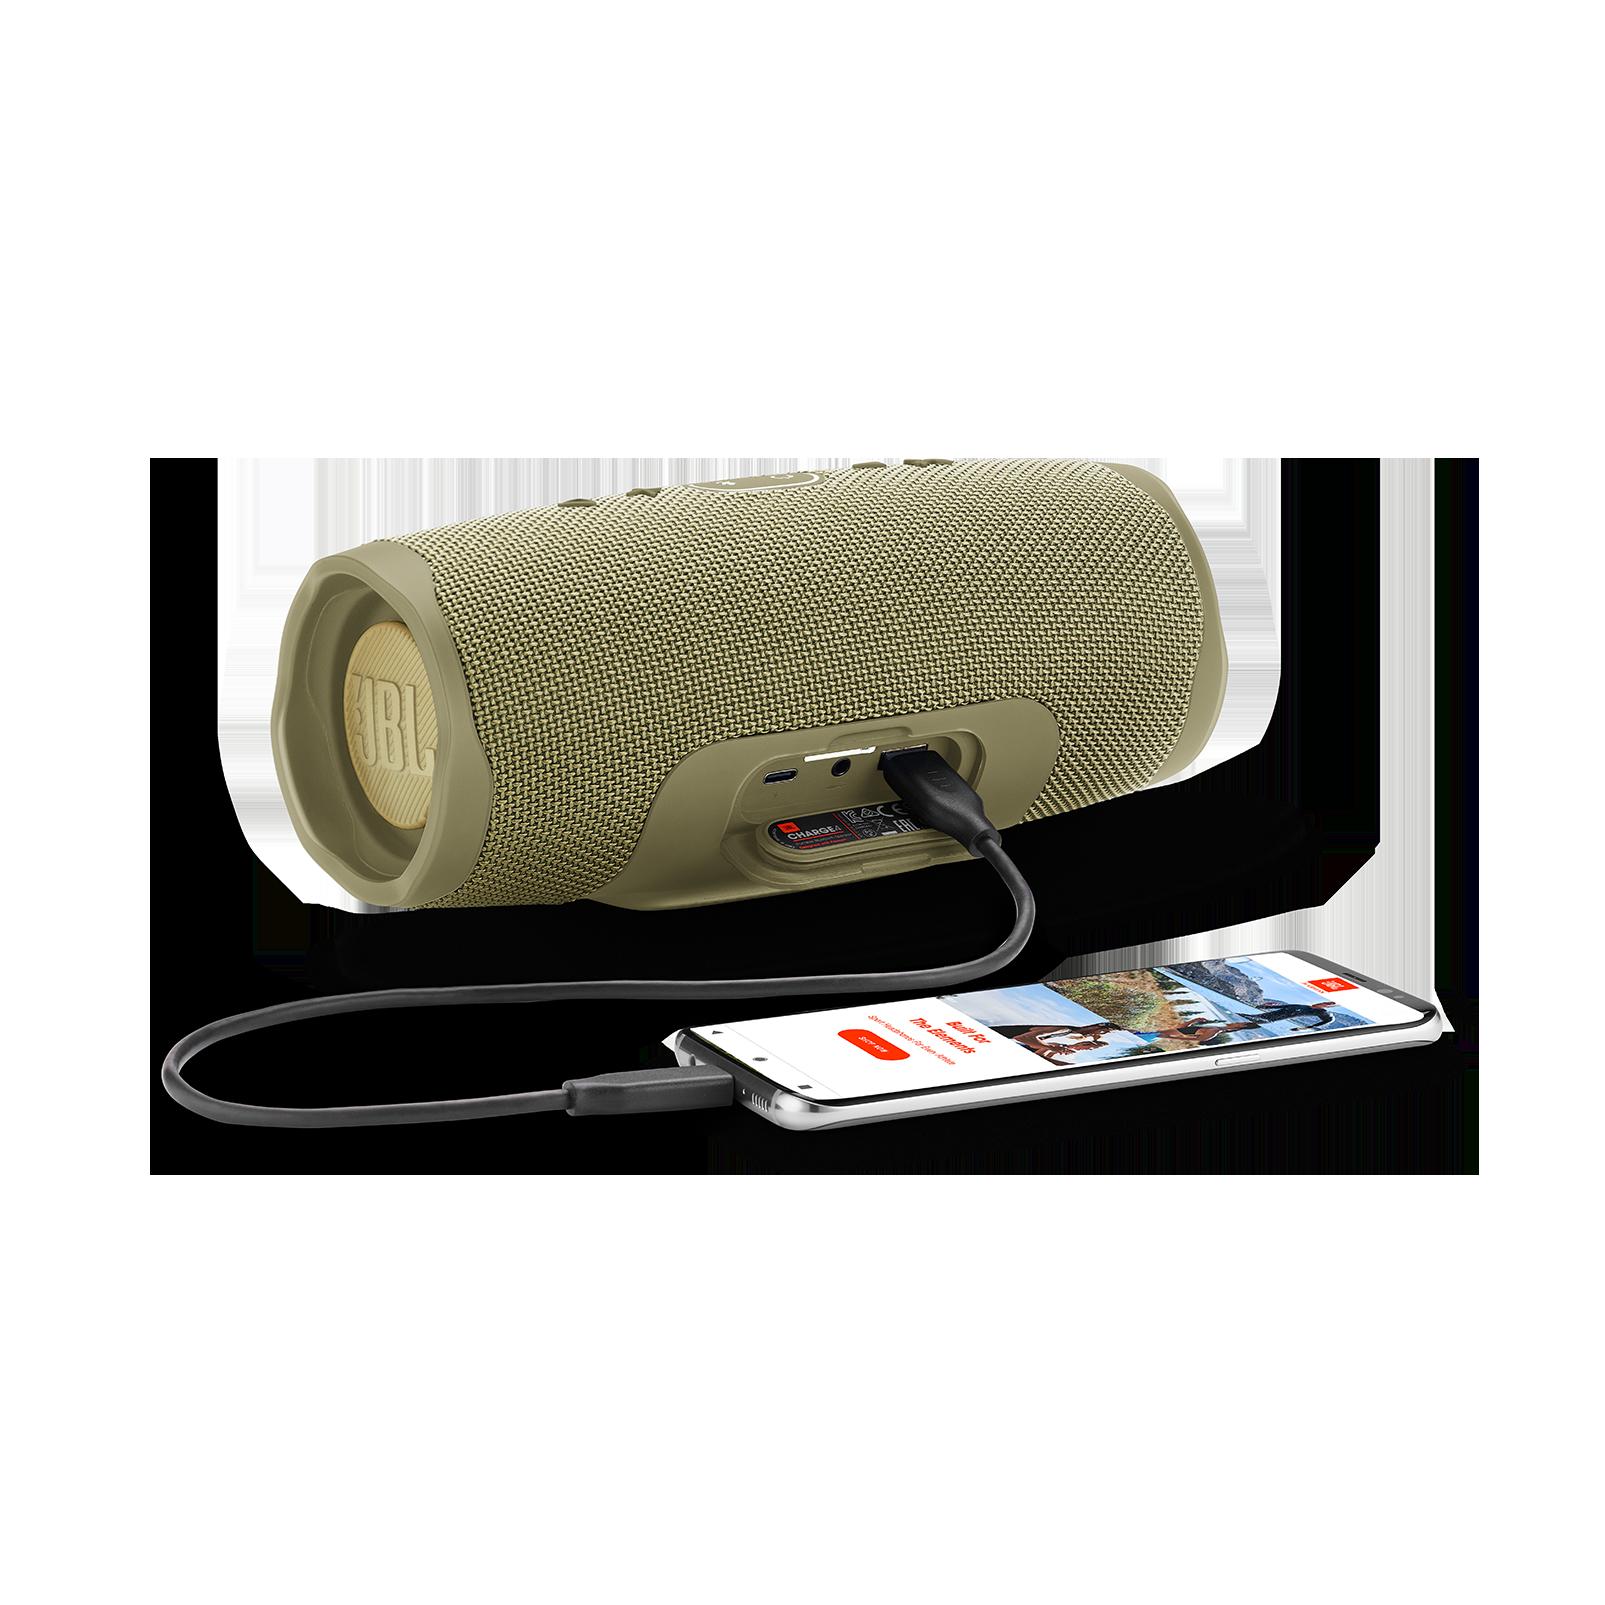 JBL Charge 4 - Sand - Portable Bluetooth speaker - Detailshot 4